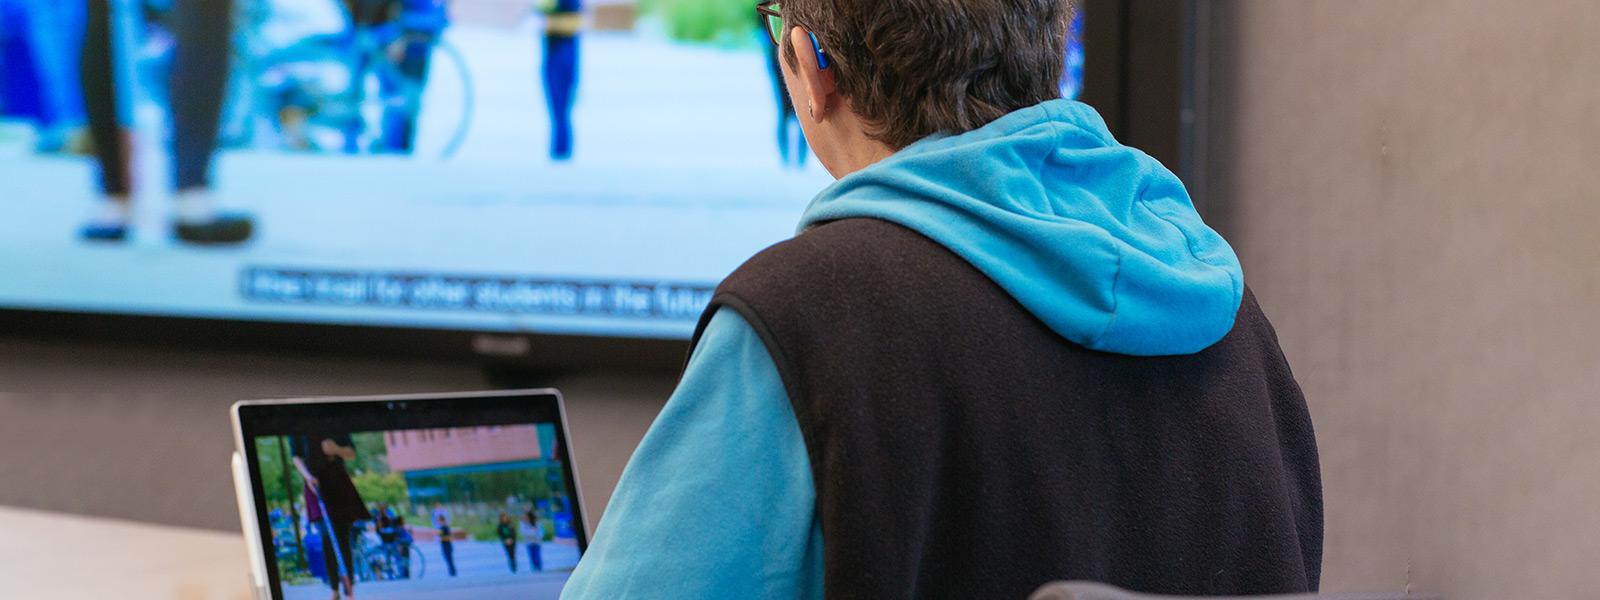 Une femme qui utilise une aide auditive regarde une présentation vidéo sous-titrée